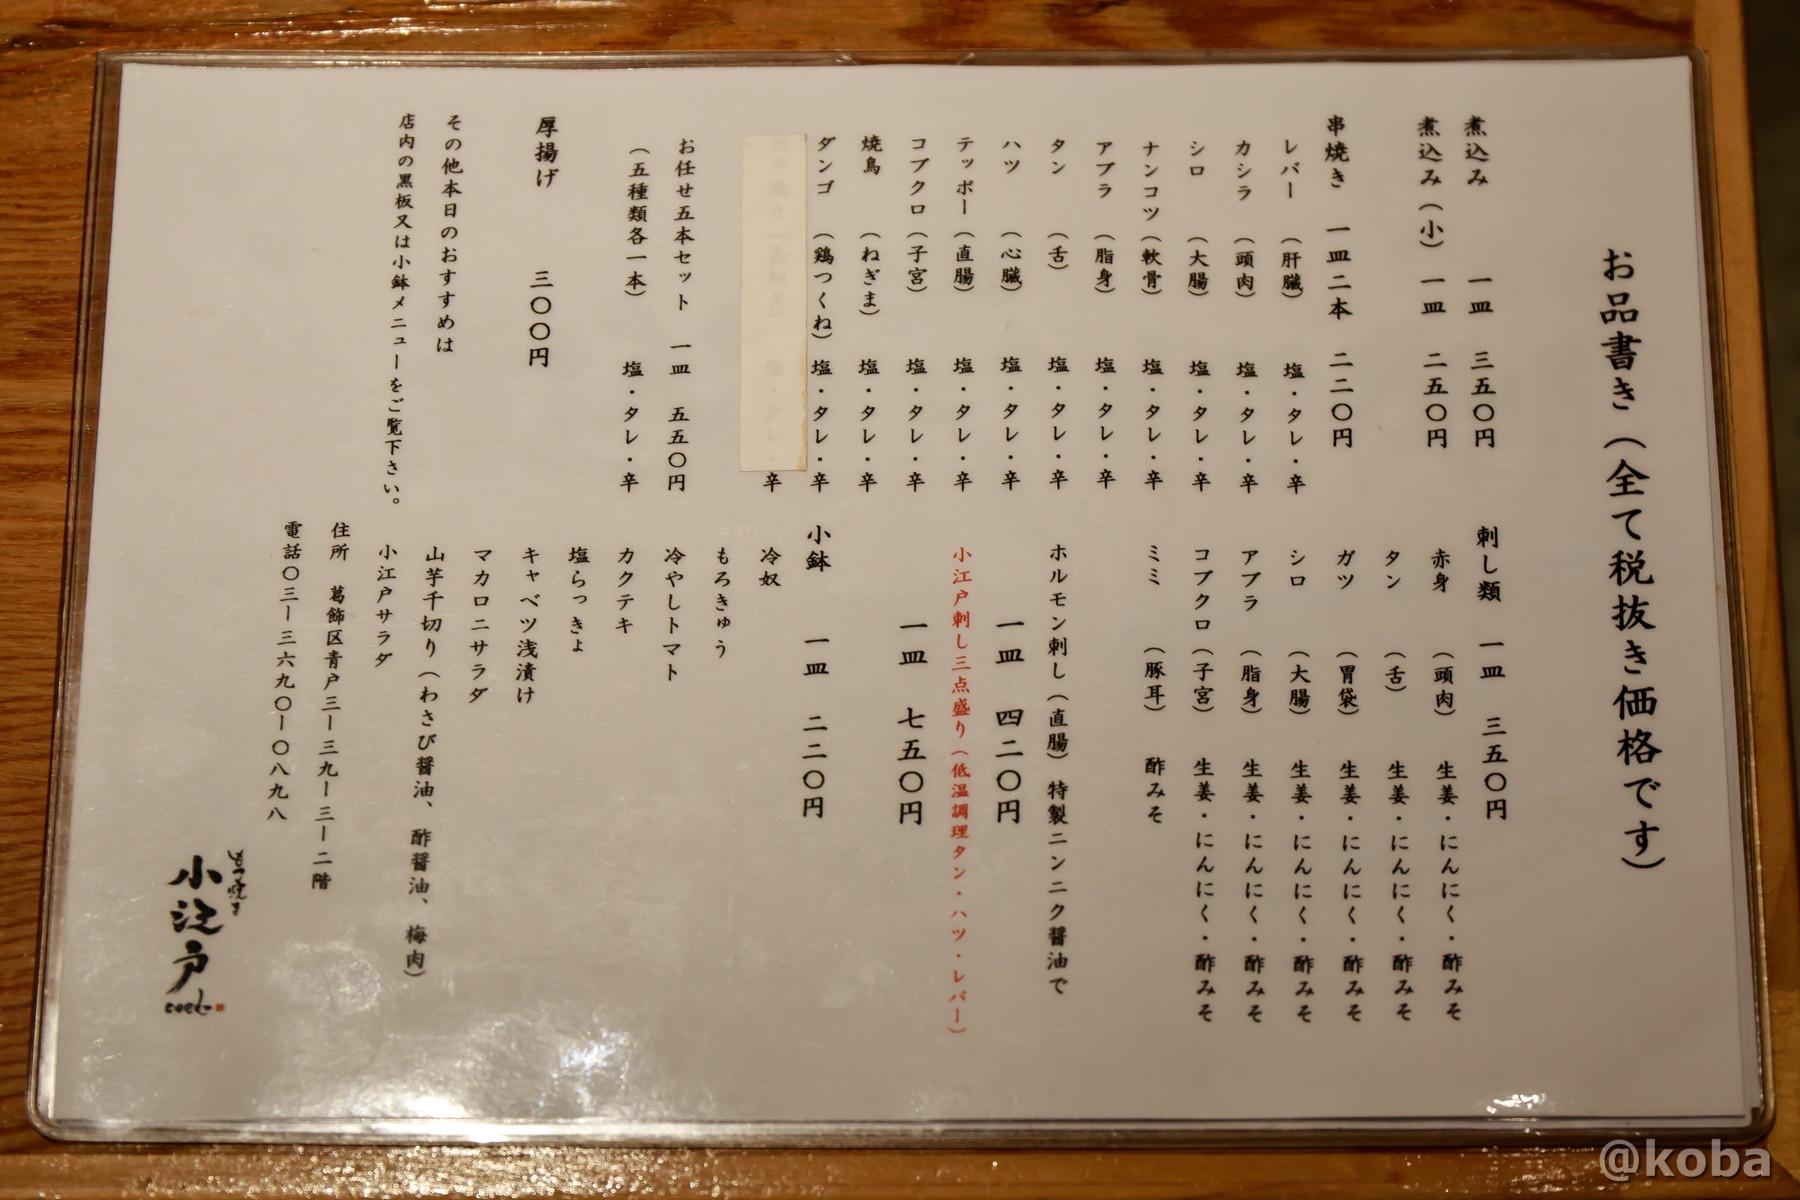 メニューの写真|青砥 小江戸(こえど) もつ焼き 居酒屋 |東京都葛飾区・青戸